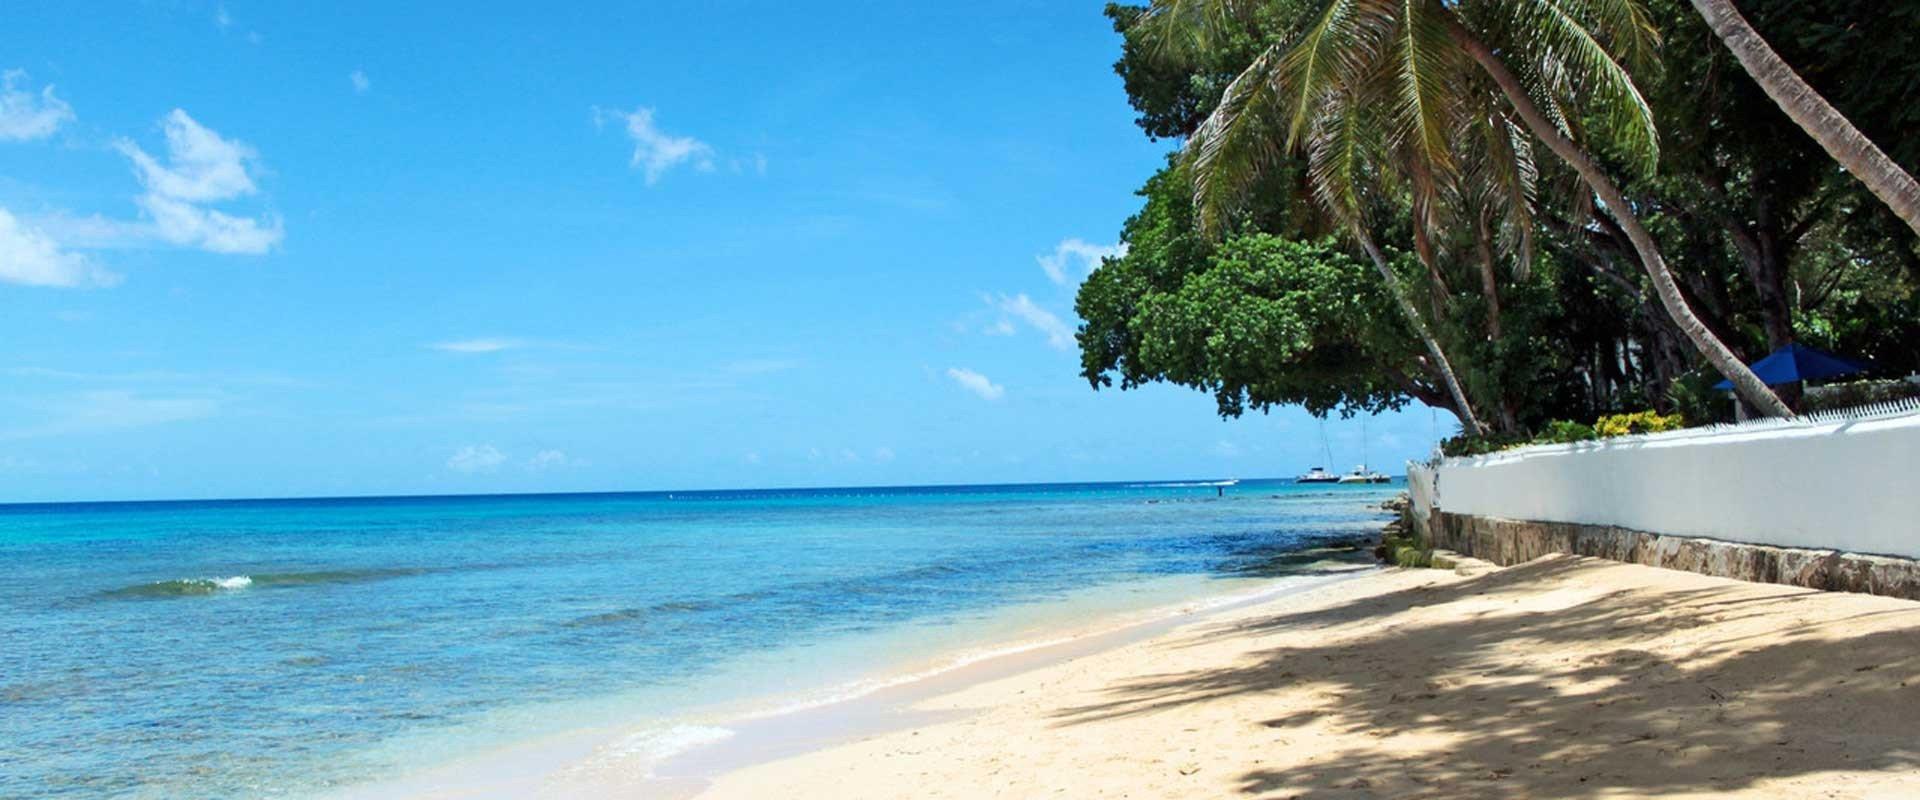 Villa West We Go Sandy Lane Bay Barbados